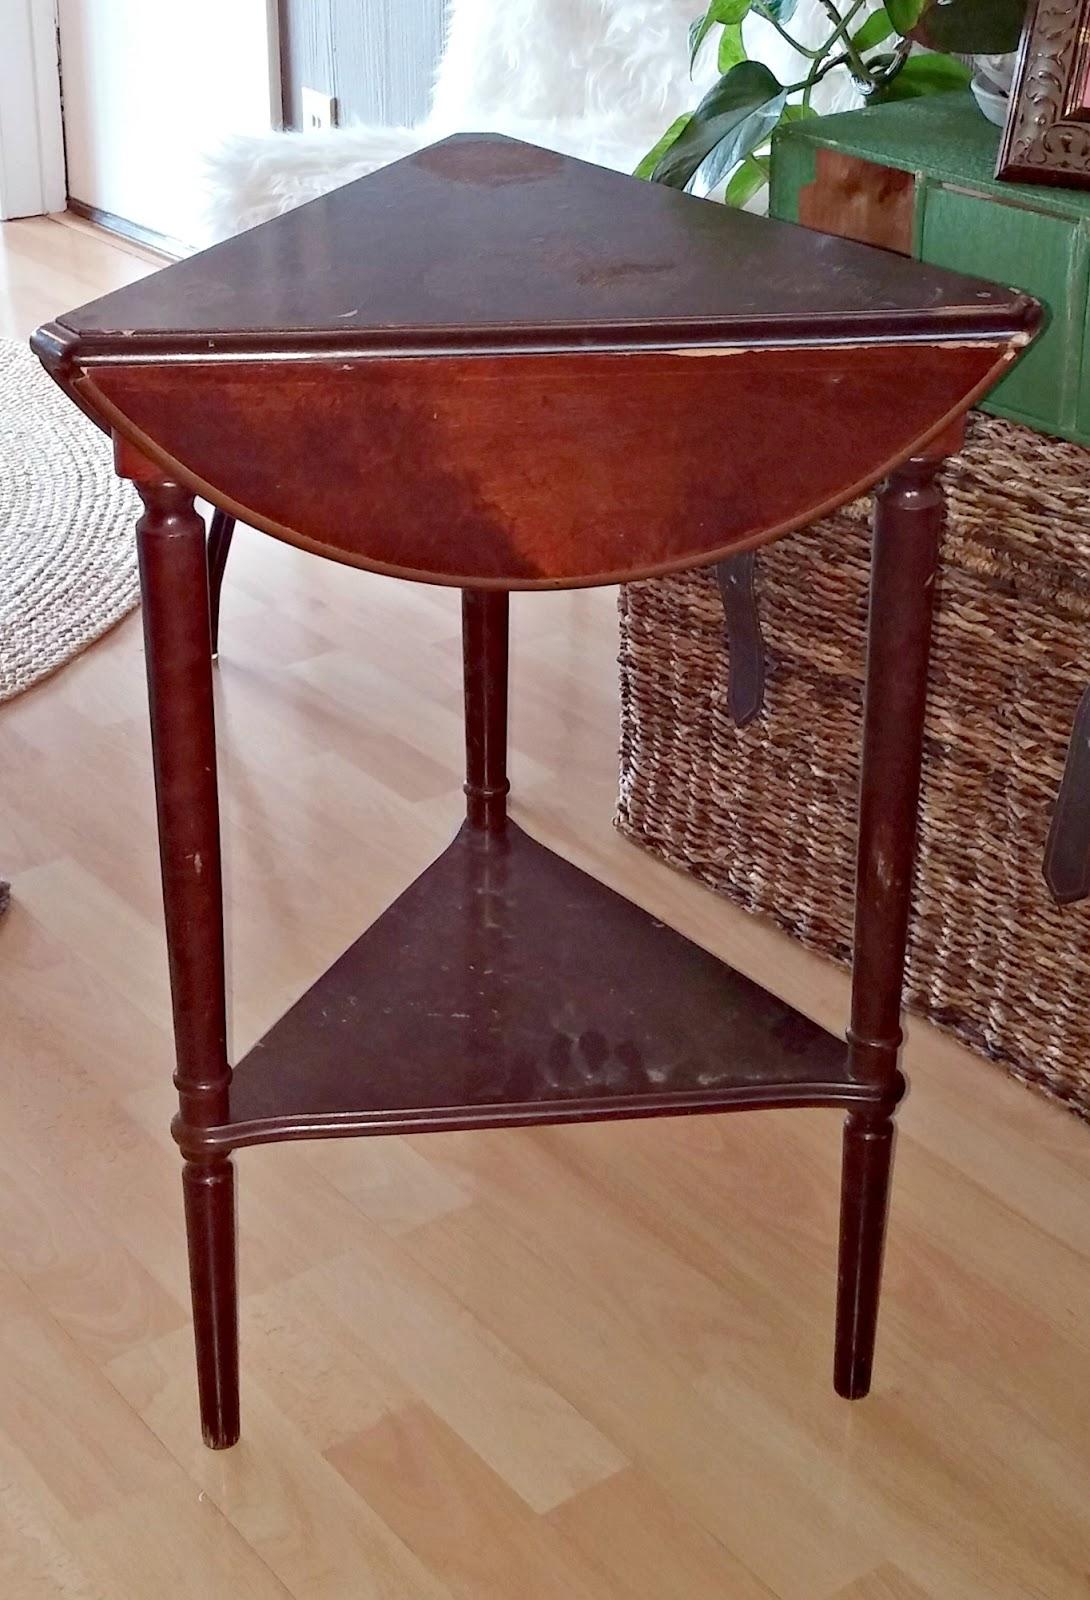 Triangle Side Table Makeover - Little Vintage Cottage